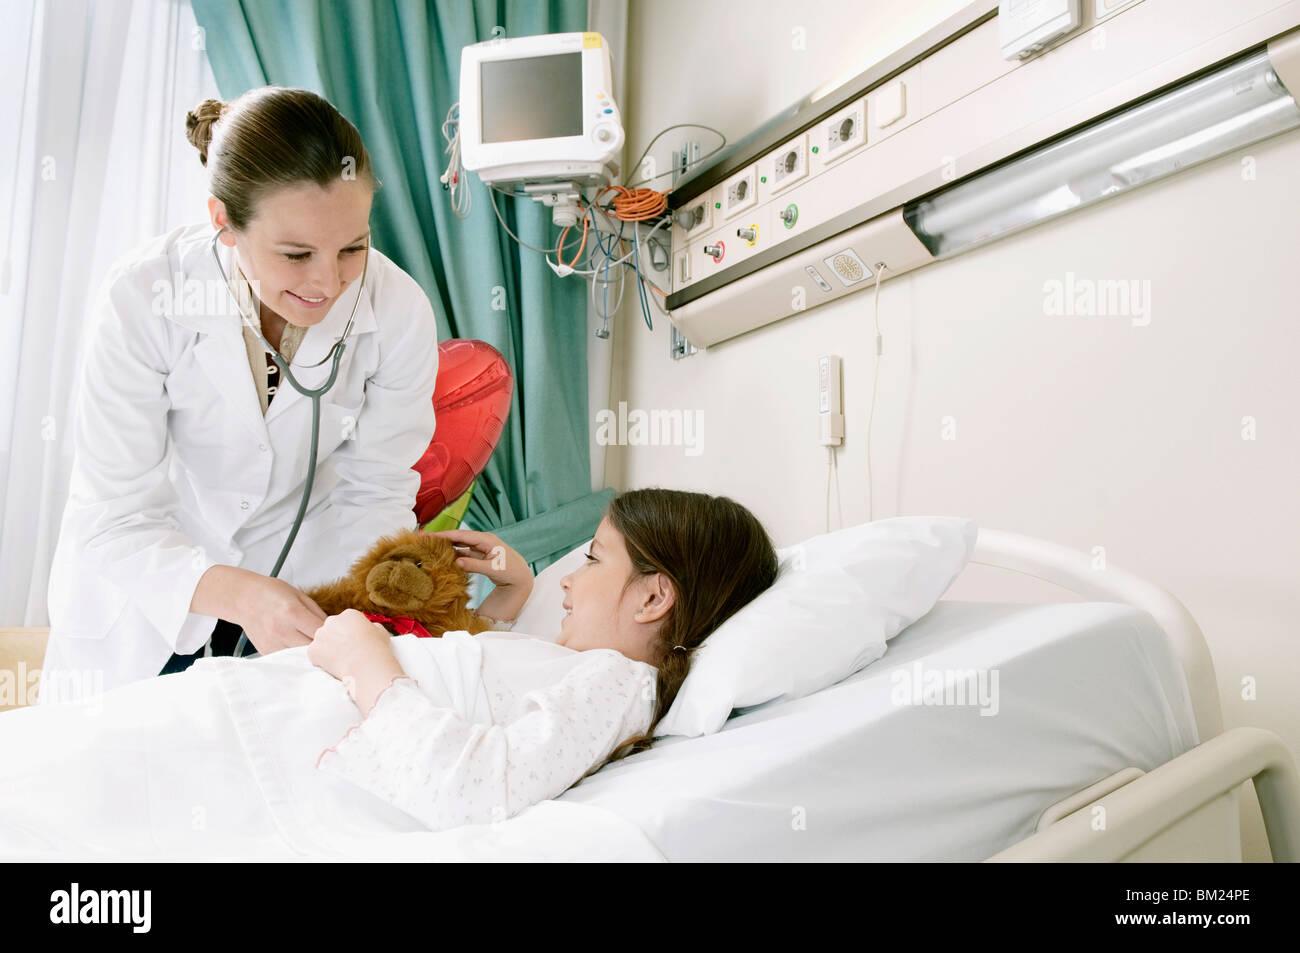 Chica en la cama de un hospital que está siendo examinado por un médico femenino Imagen De Stock